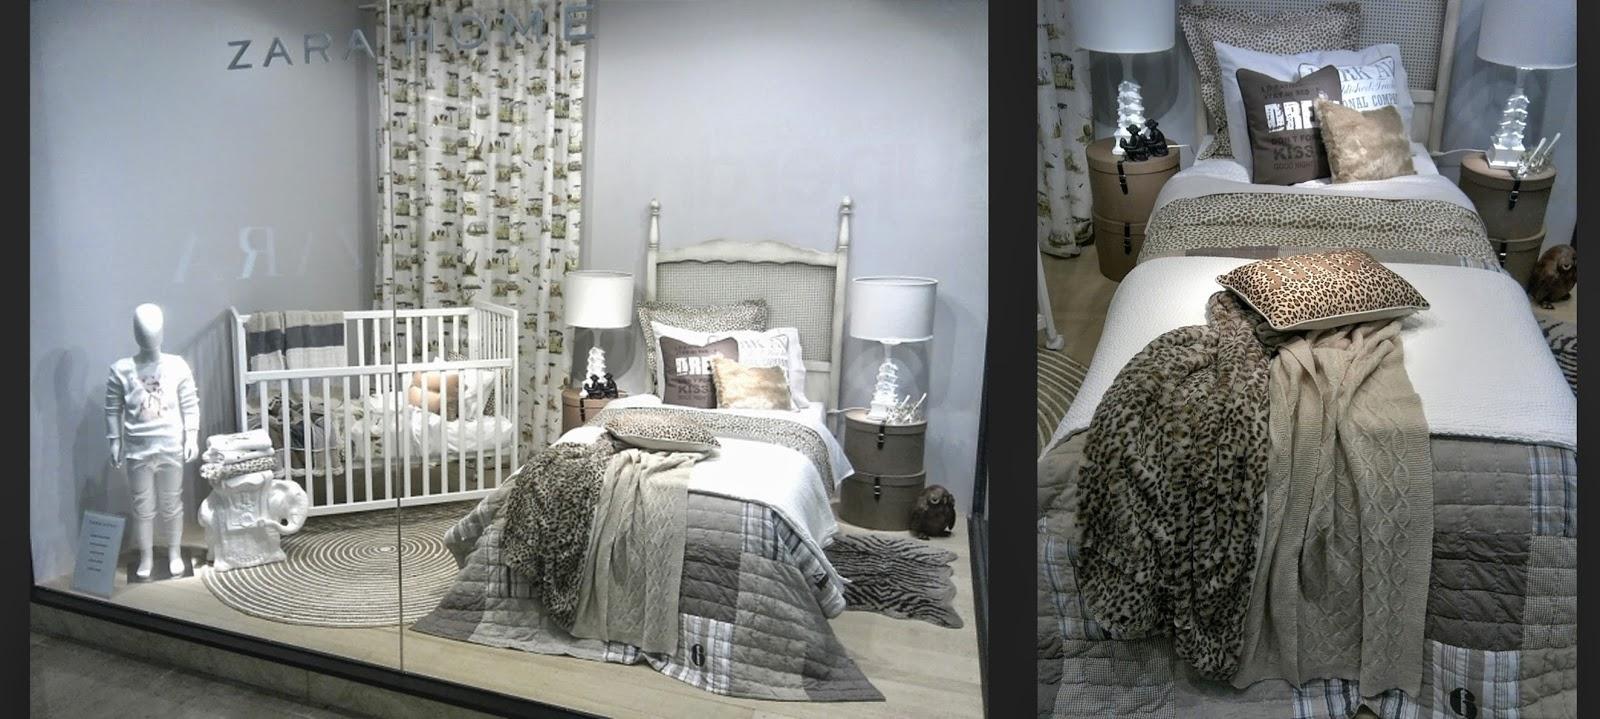 diseño de interiores guatemala, Atelier taller de espacios, decoracion guatemala, mercadeo visual, vitrina, diseño de tienda